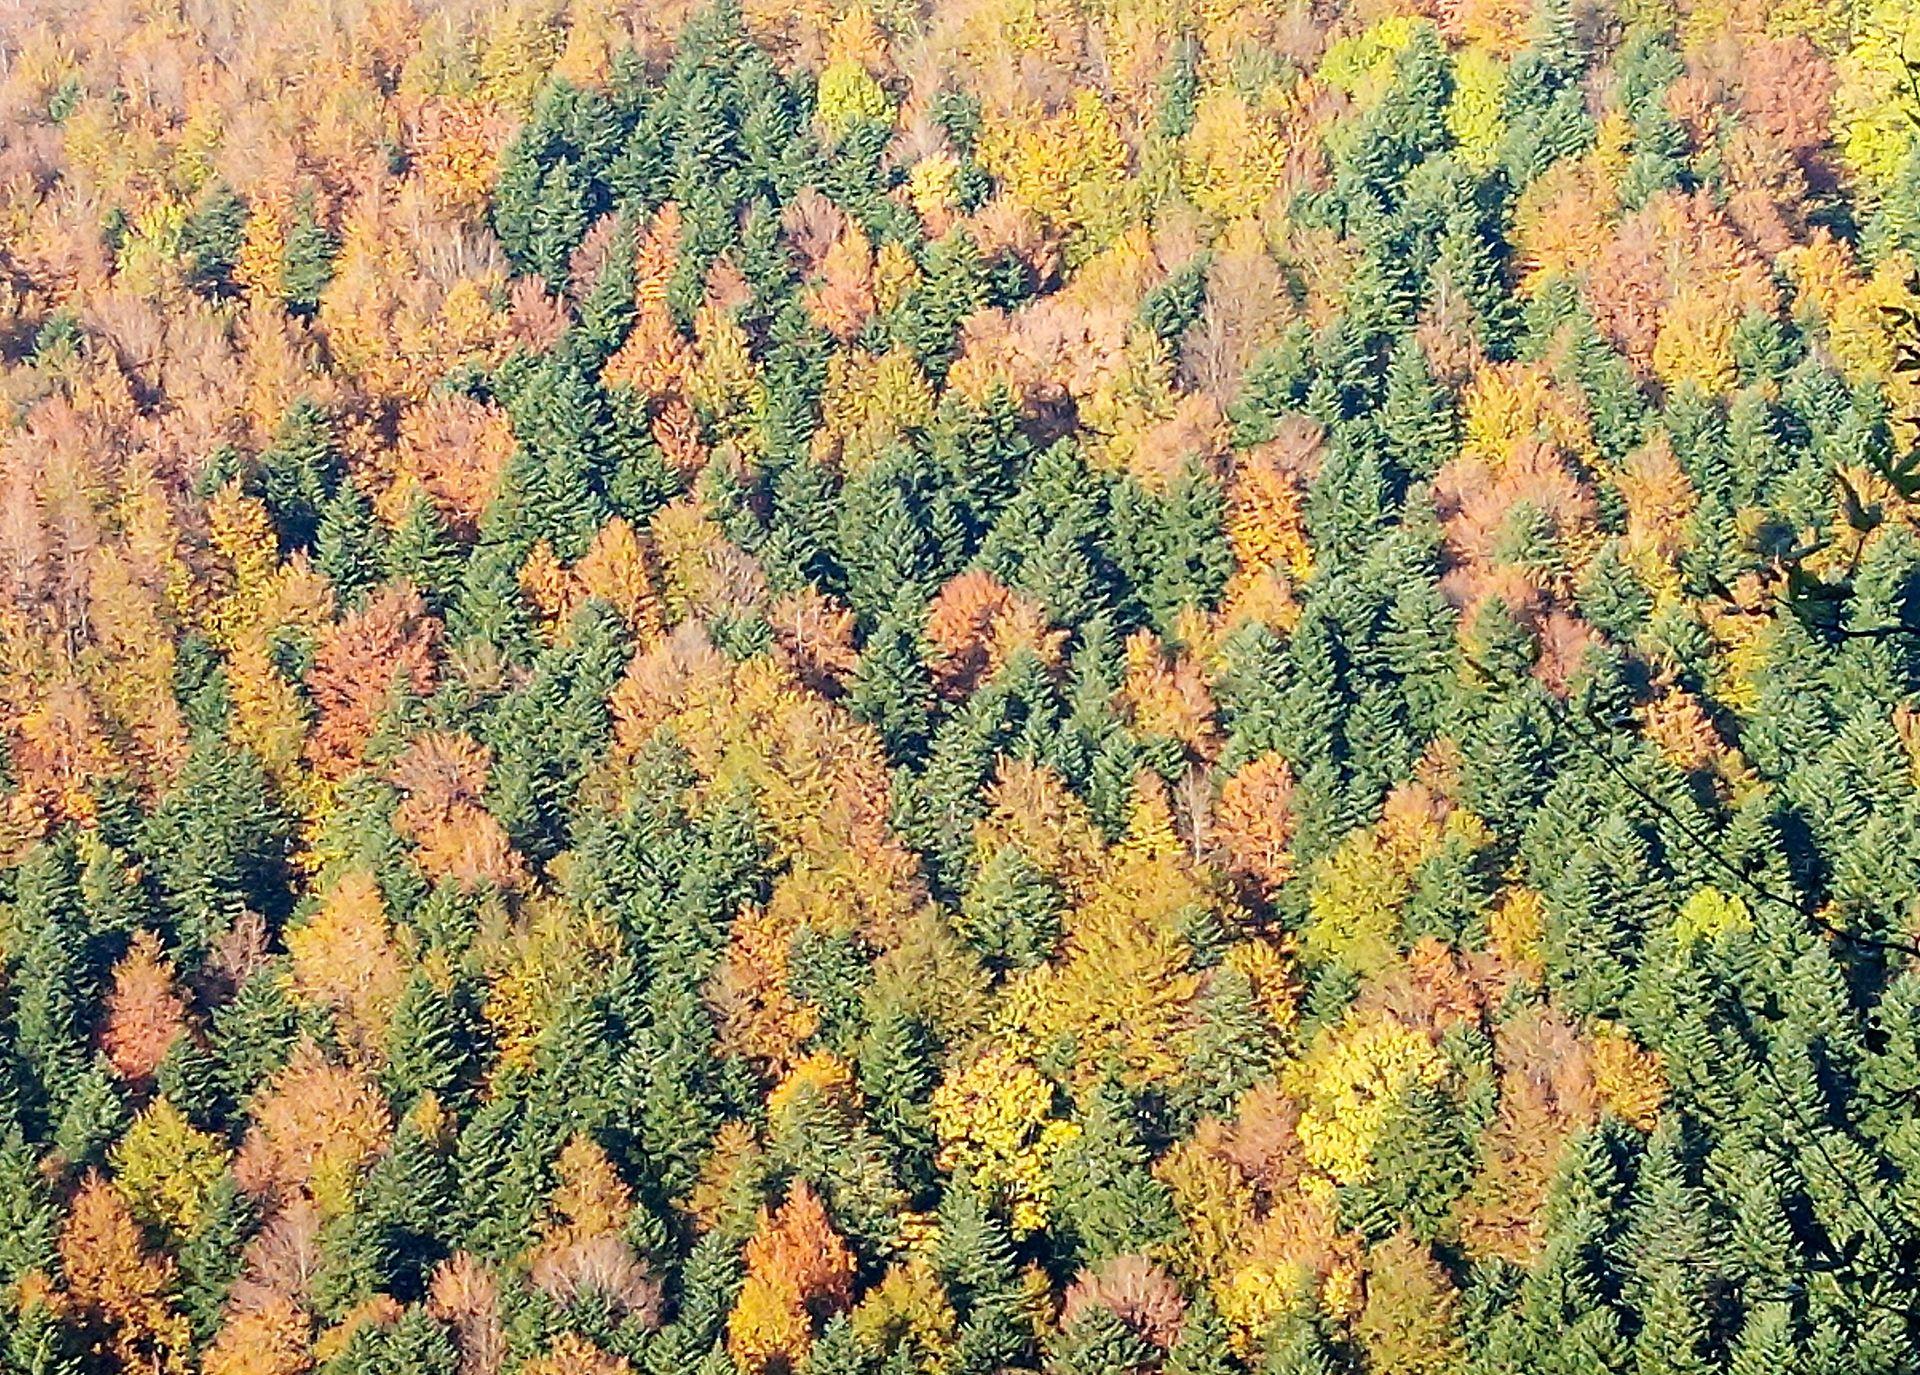 Foresta_della_Lama-img